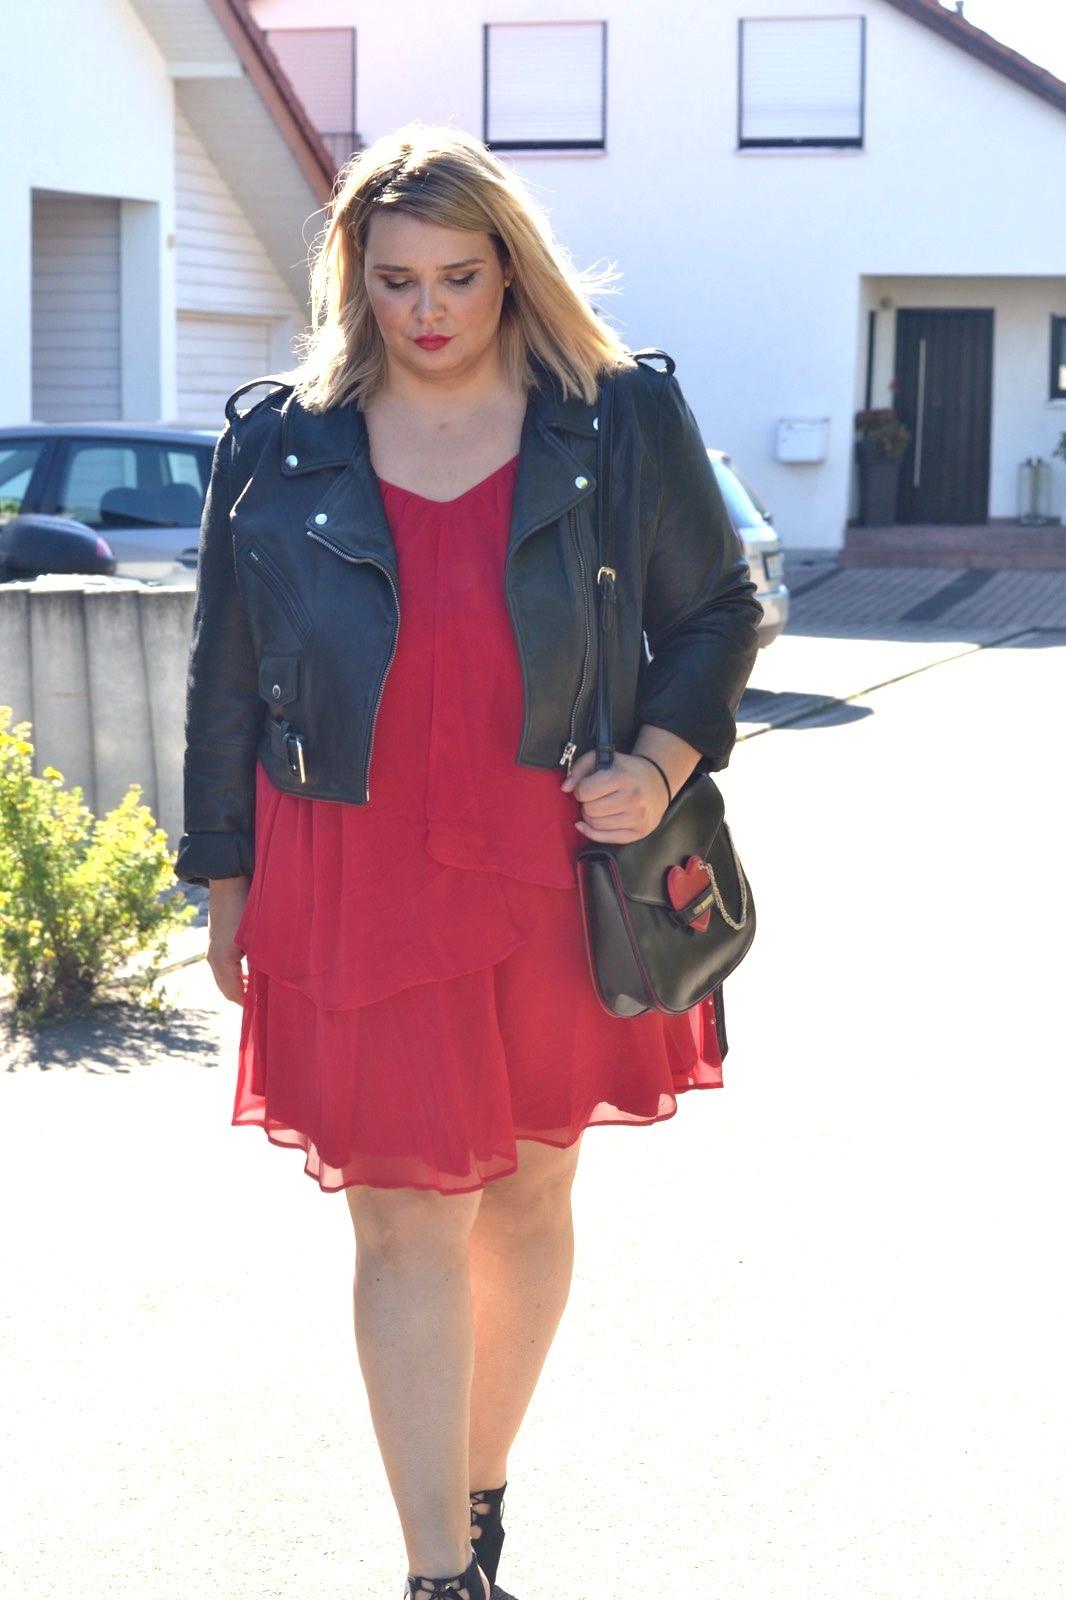 Designer Coolste Rotes Kleid Große Größen Bester PreisAbend Schön Rotes Kleid Große Größen Bester Preis